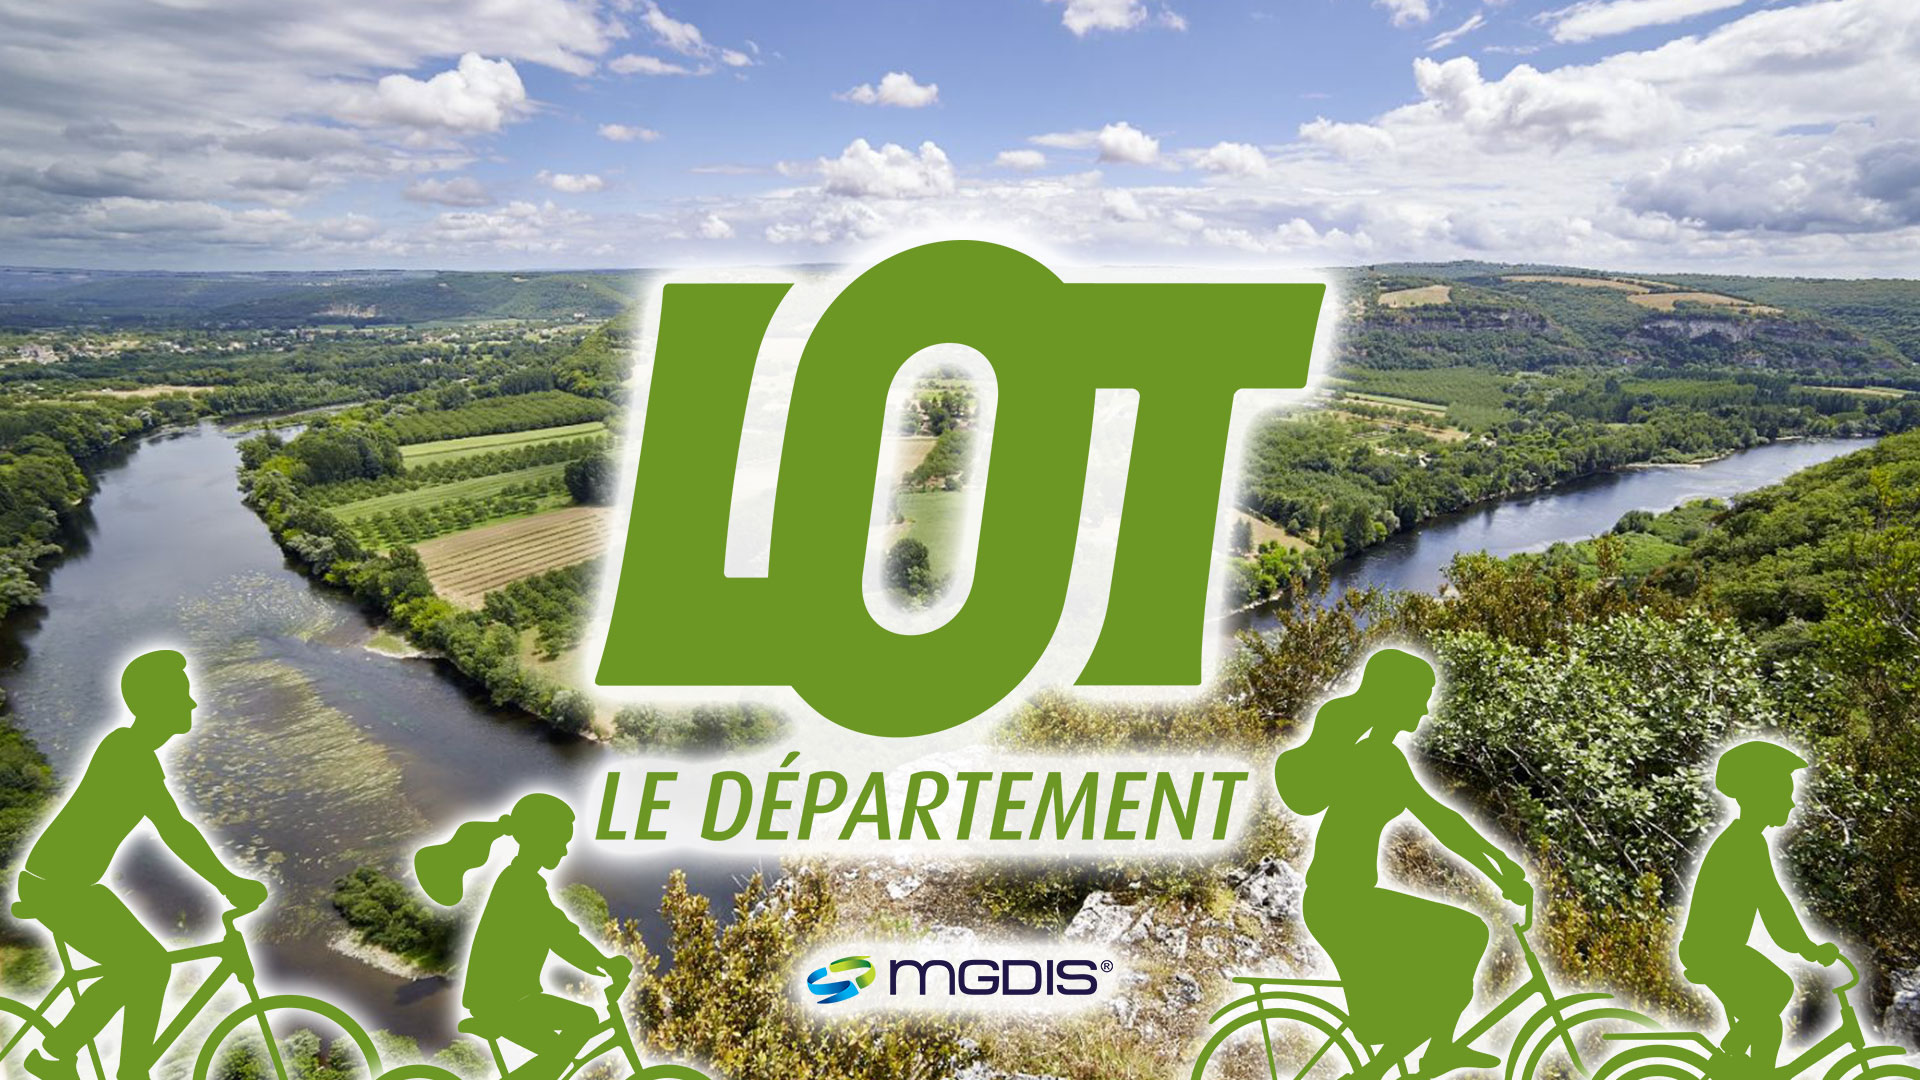 Le Département du Lot choisit le logiciel MGDIS pour attribuer et verser ses aides directes à la mobilité douce